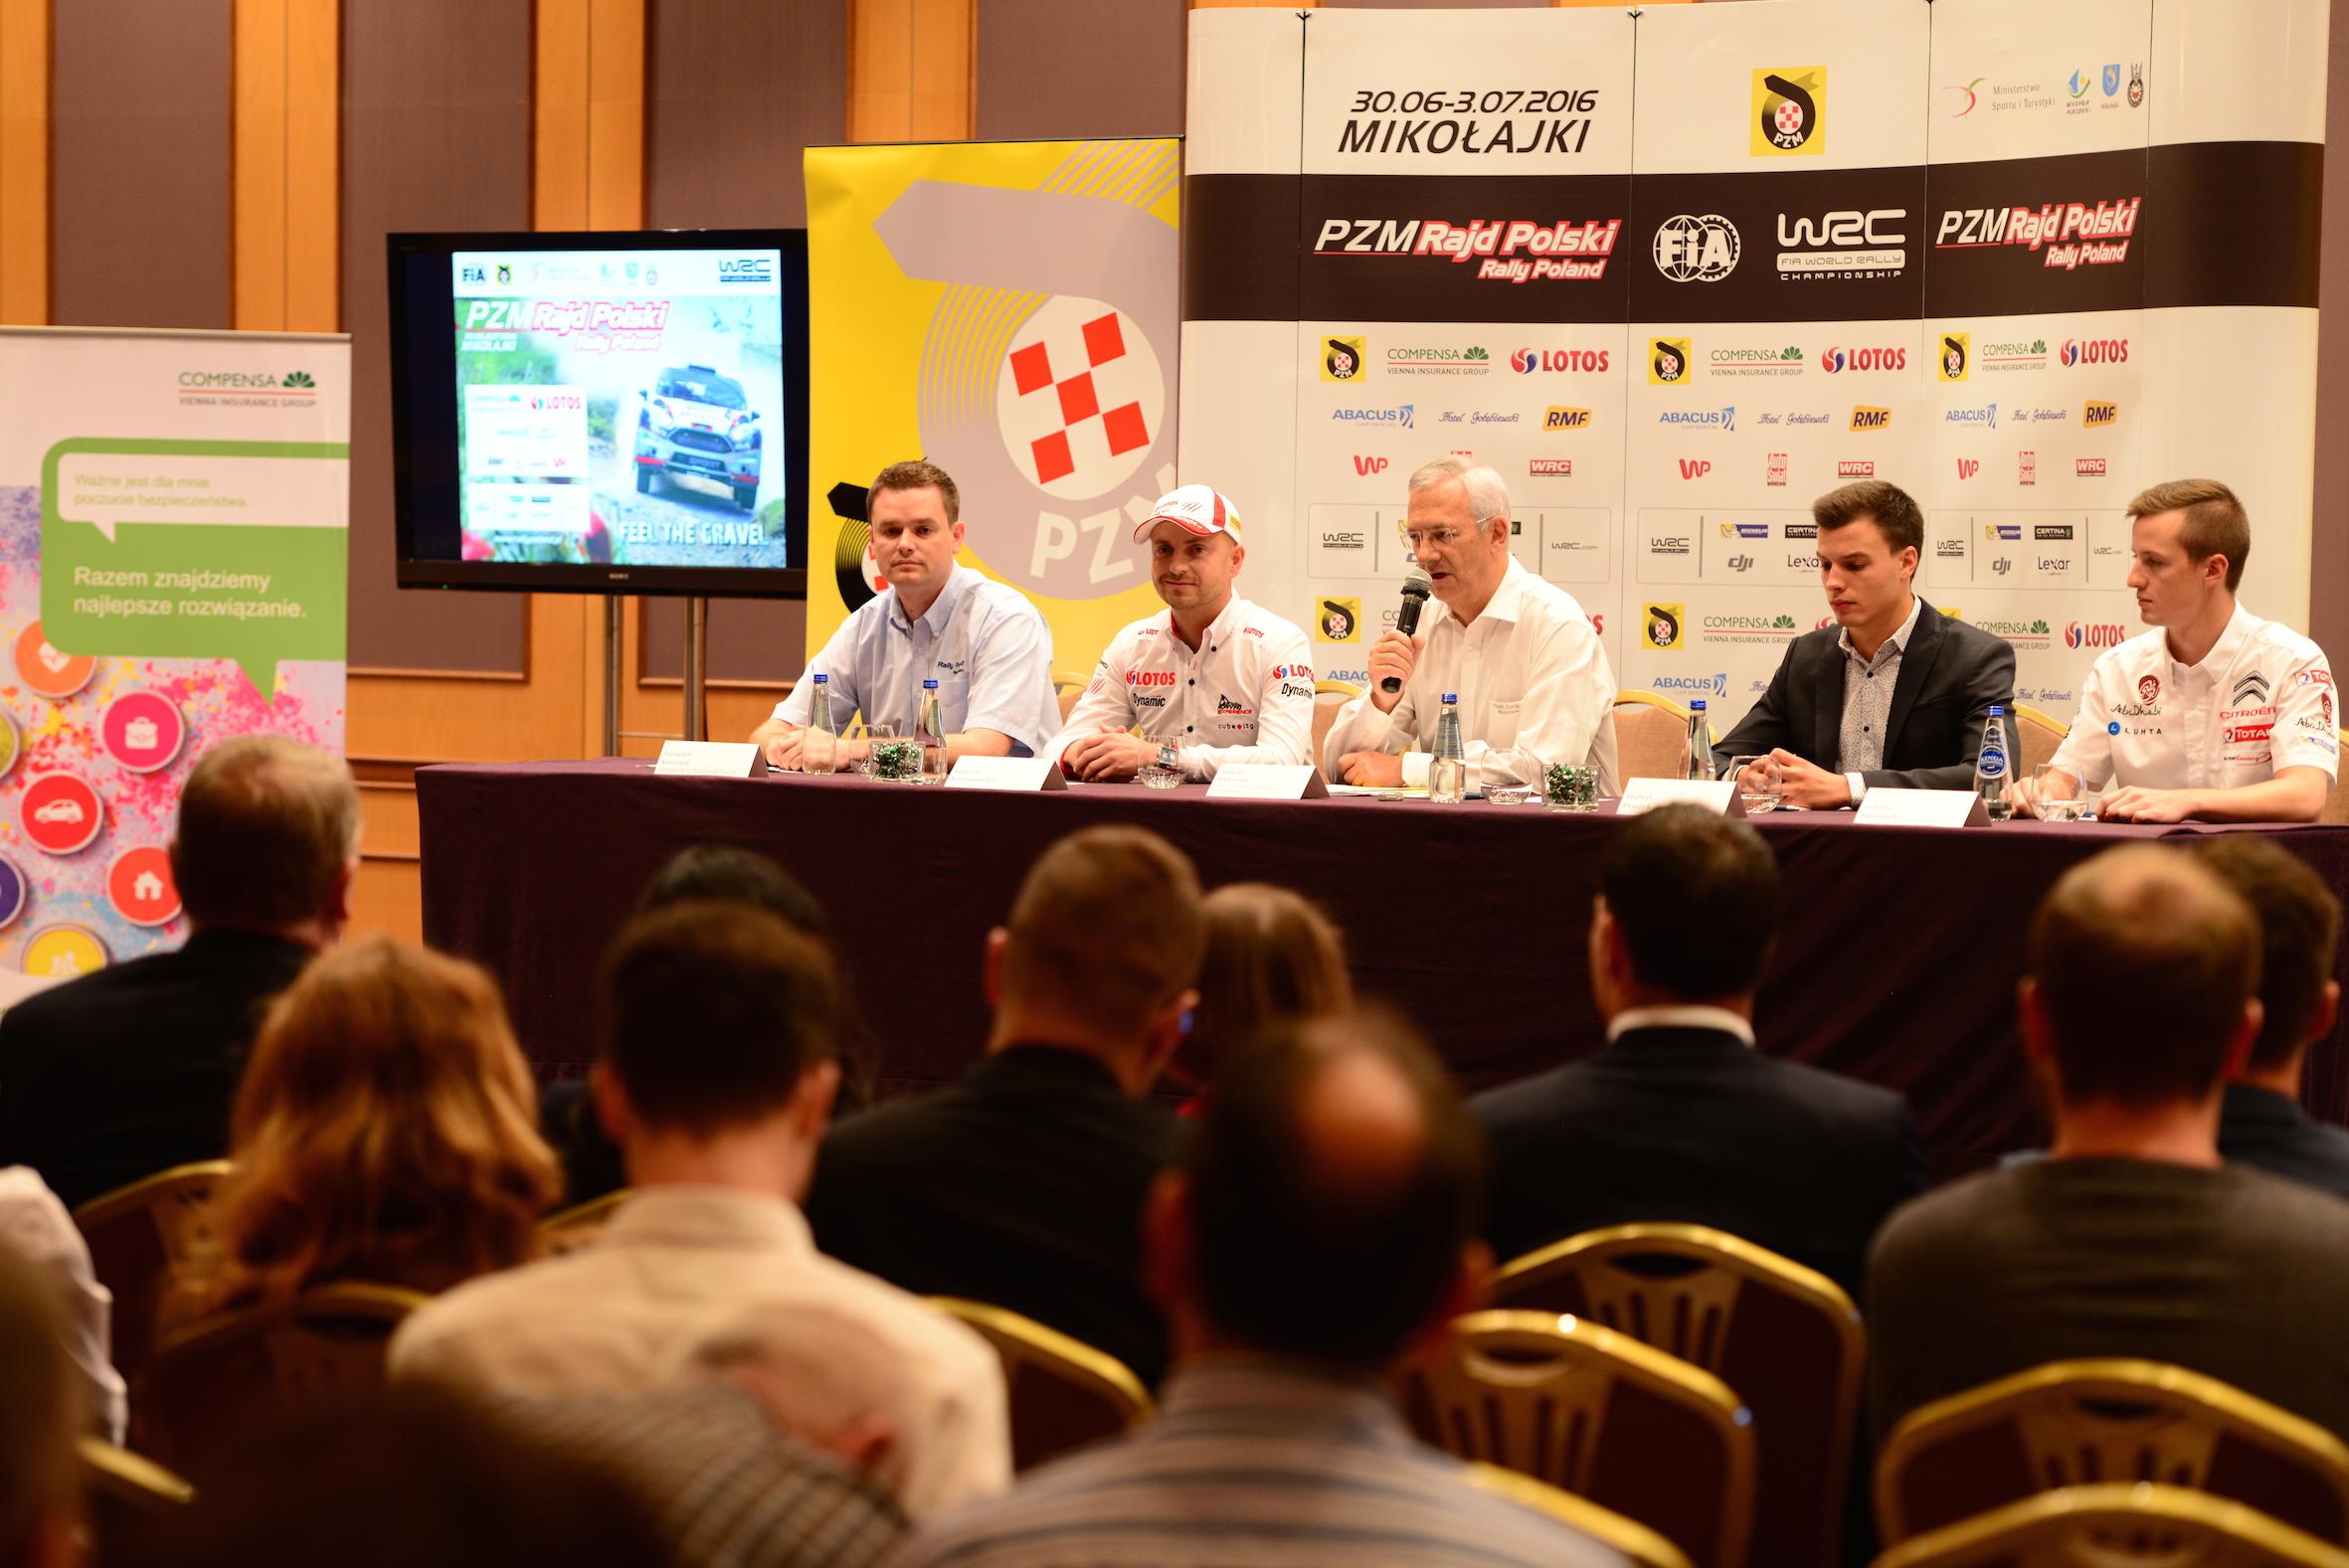 Bezpieczeństwo najważniejsze! - konferencja prasowa 73 Rajd Polski